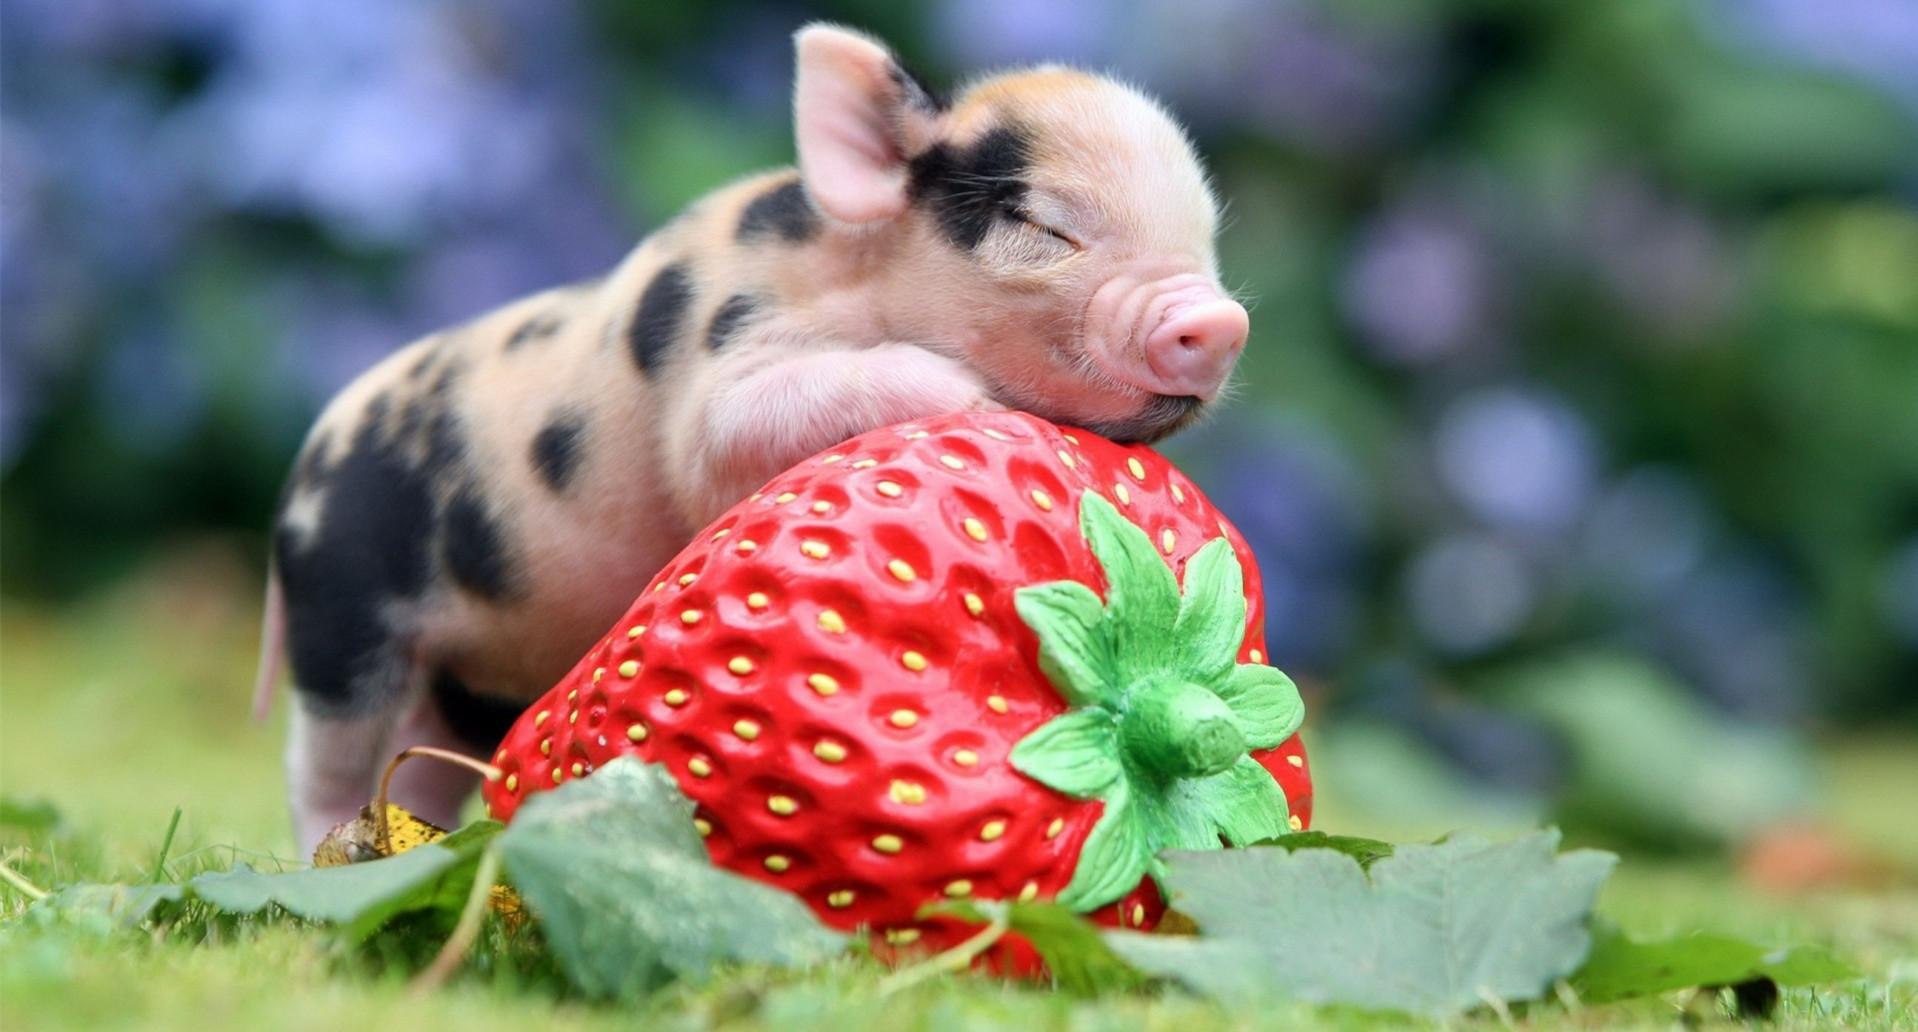 猪价出现阶段性上涨,雏鹰农牧今年将聚焦主业全力养猪!